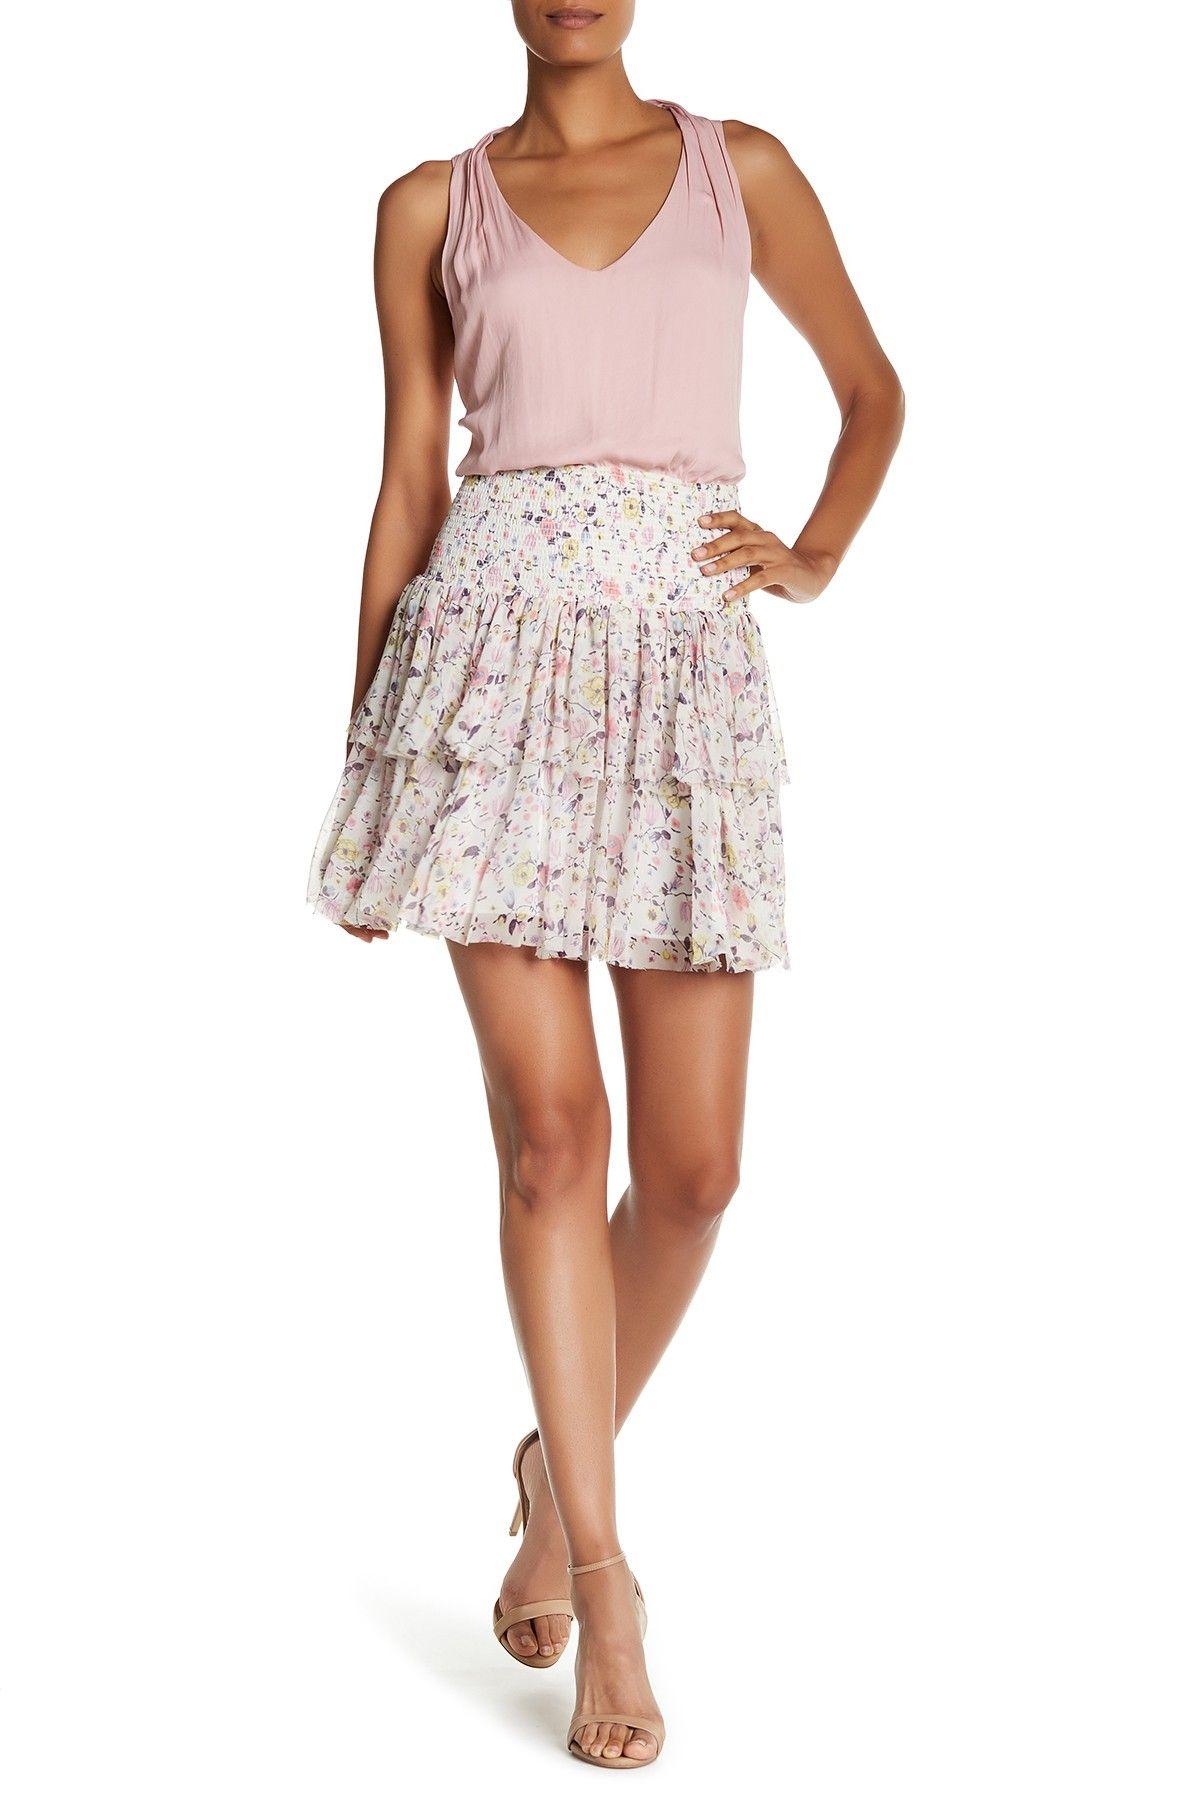 Tapestry Ruffle Layer Skirt